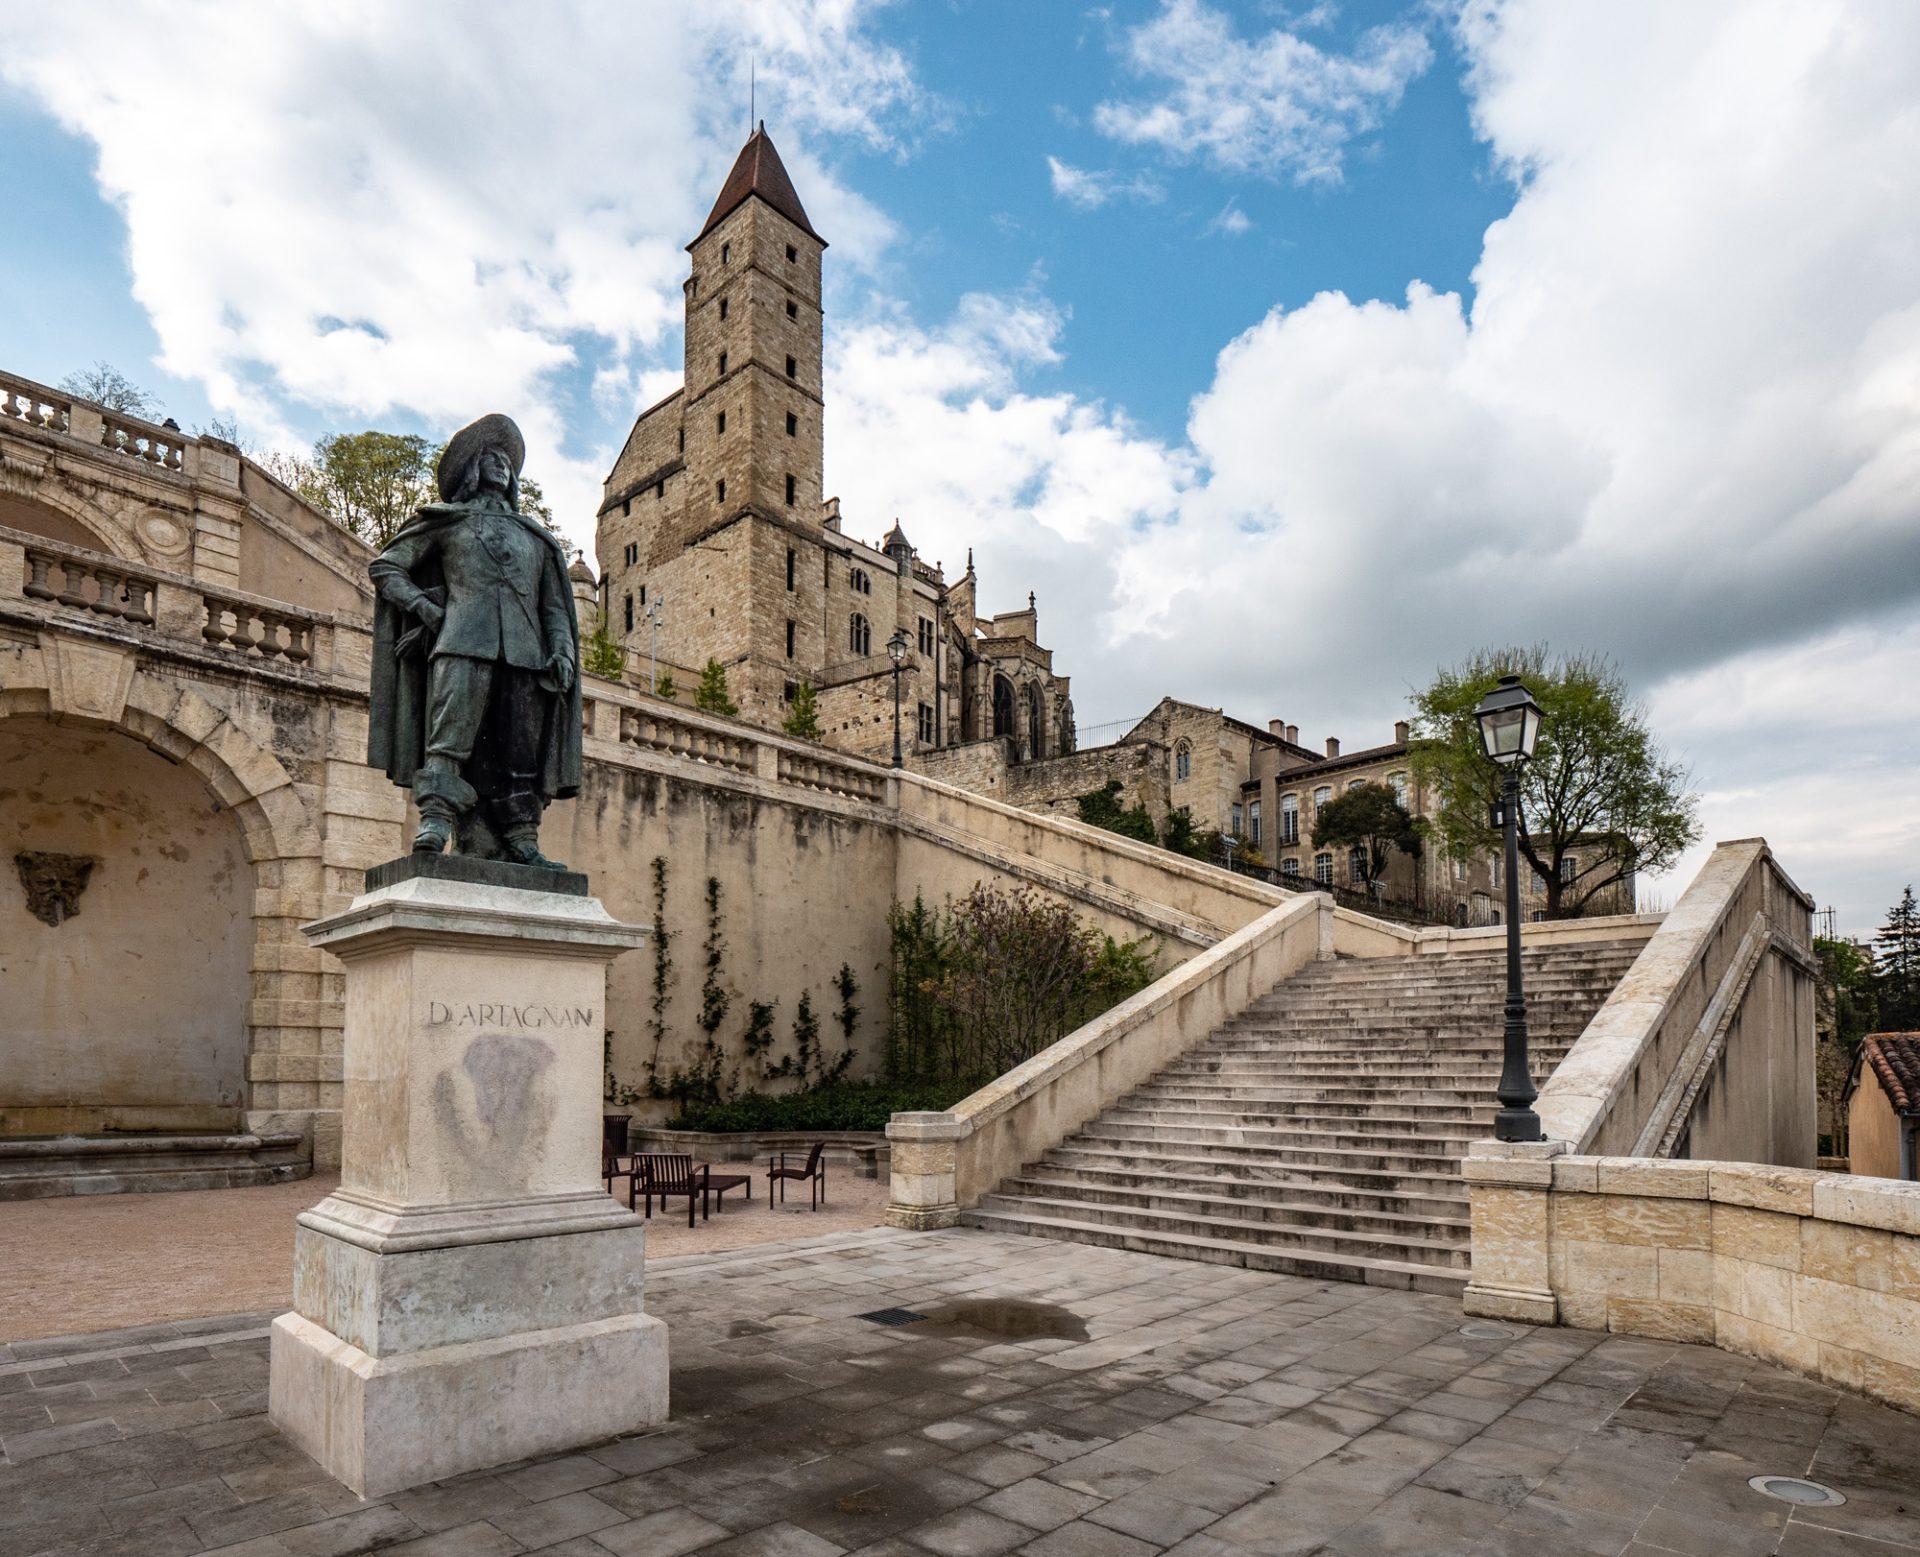 Stadswandeling door Auch, hoofdstad van de Gers